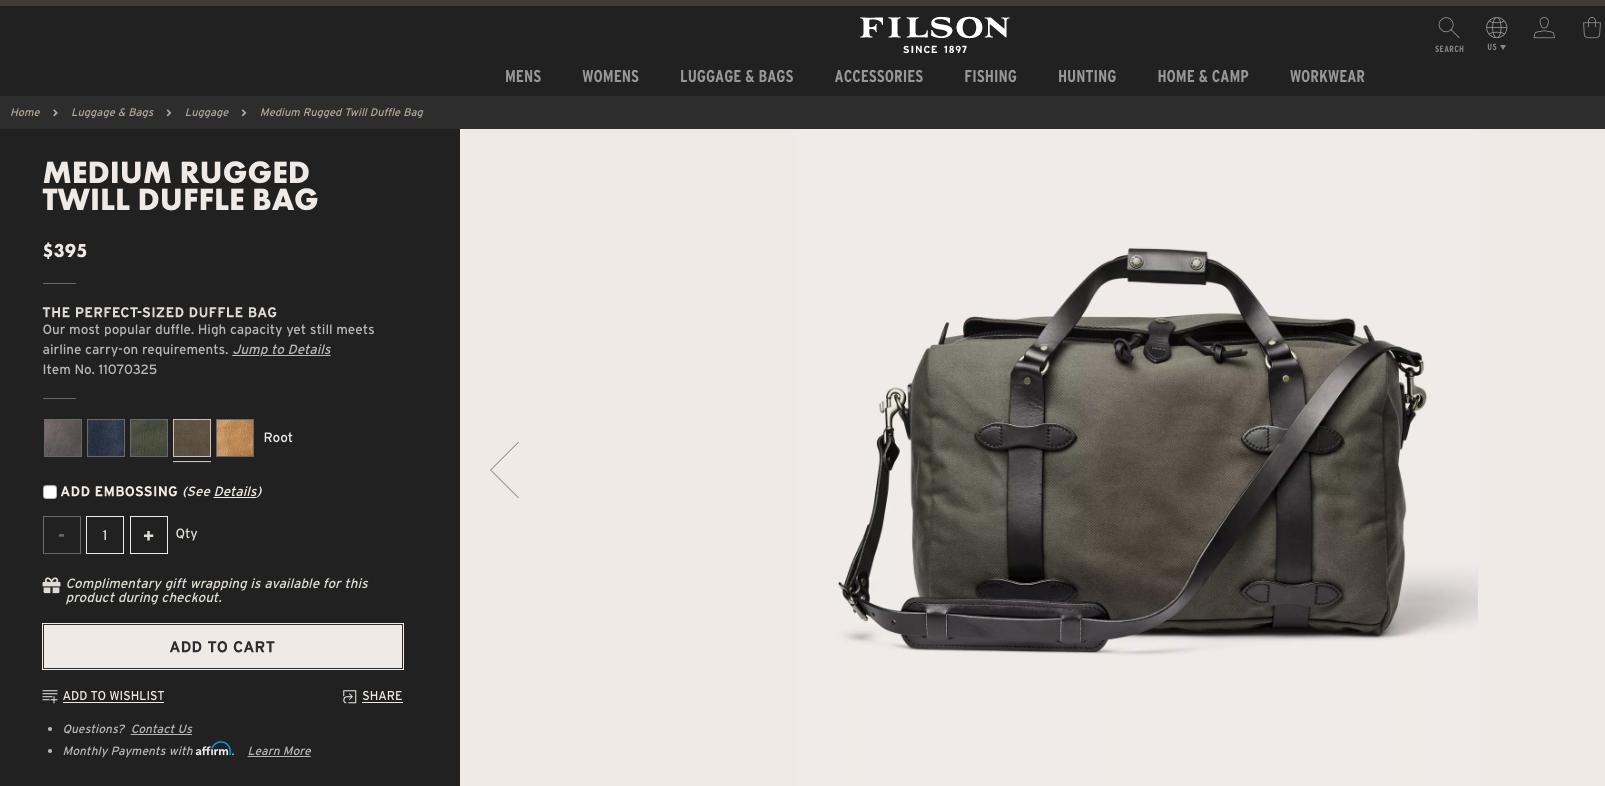 Medium Rugged Twill Duffle Bag Duffle Bags Duffle Bag